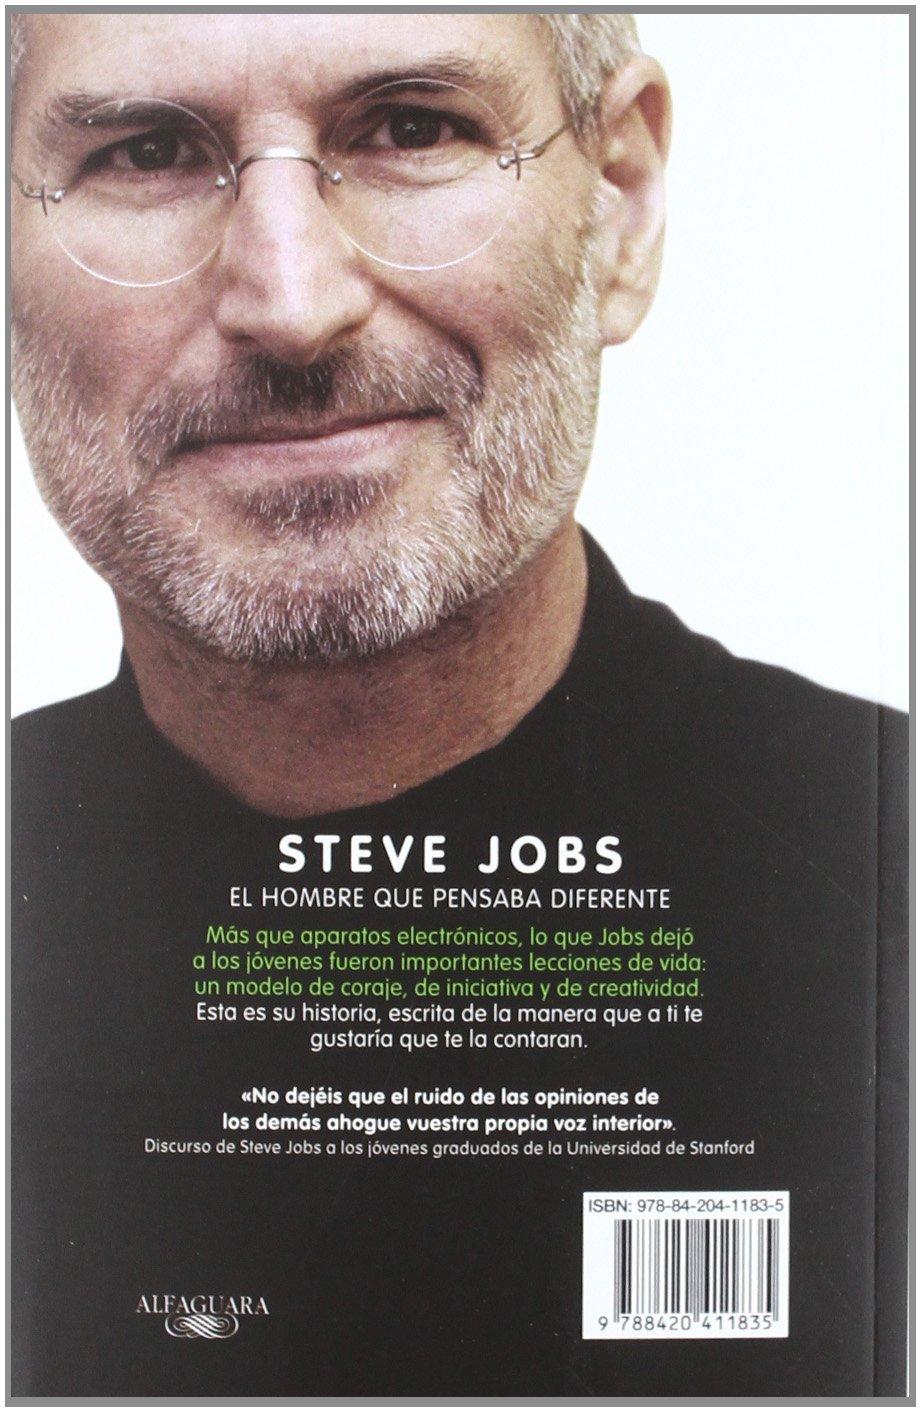 steve jobs un libro inspirador para los jÓvenes que no están